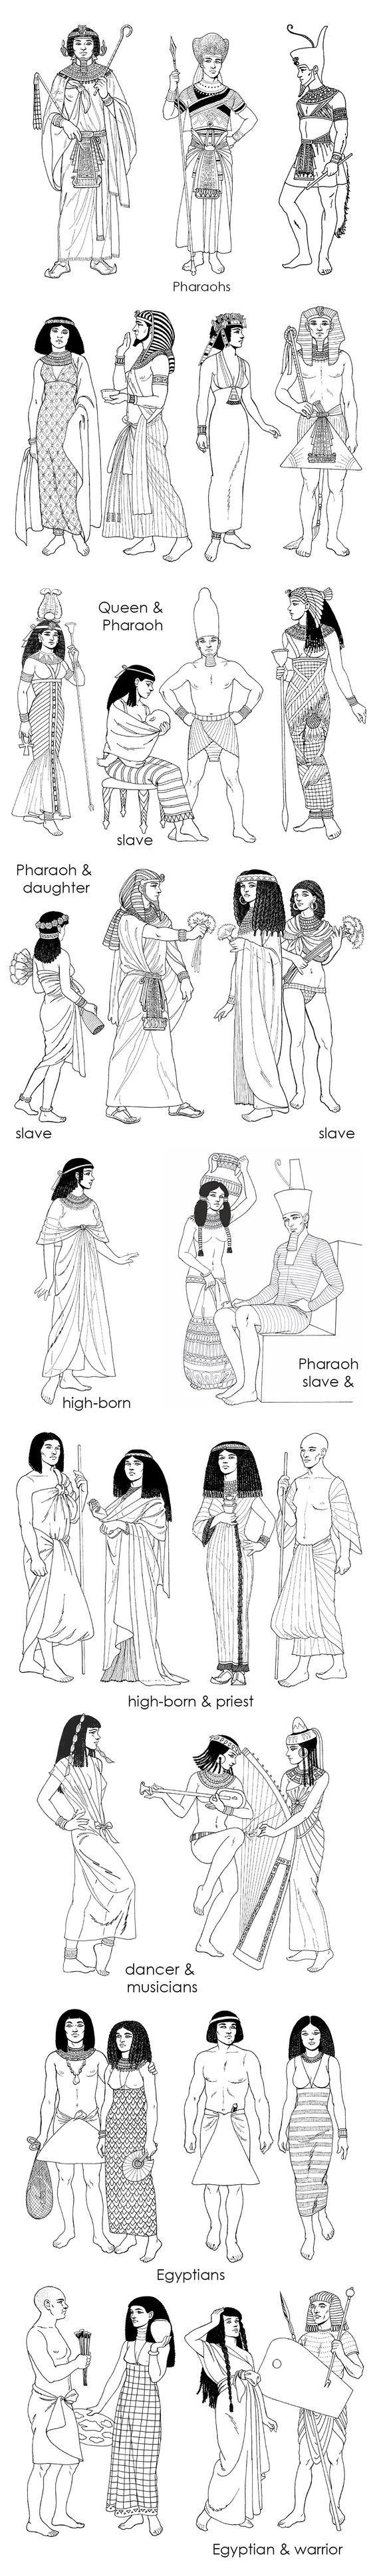 Faraones, reinas, esclavas, musicos, ciudadanos....: